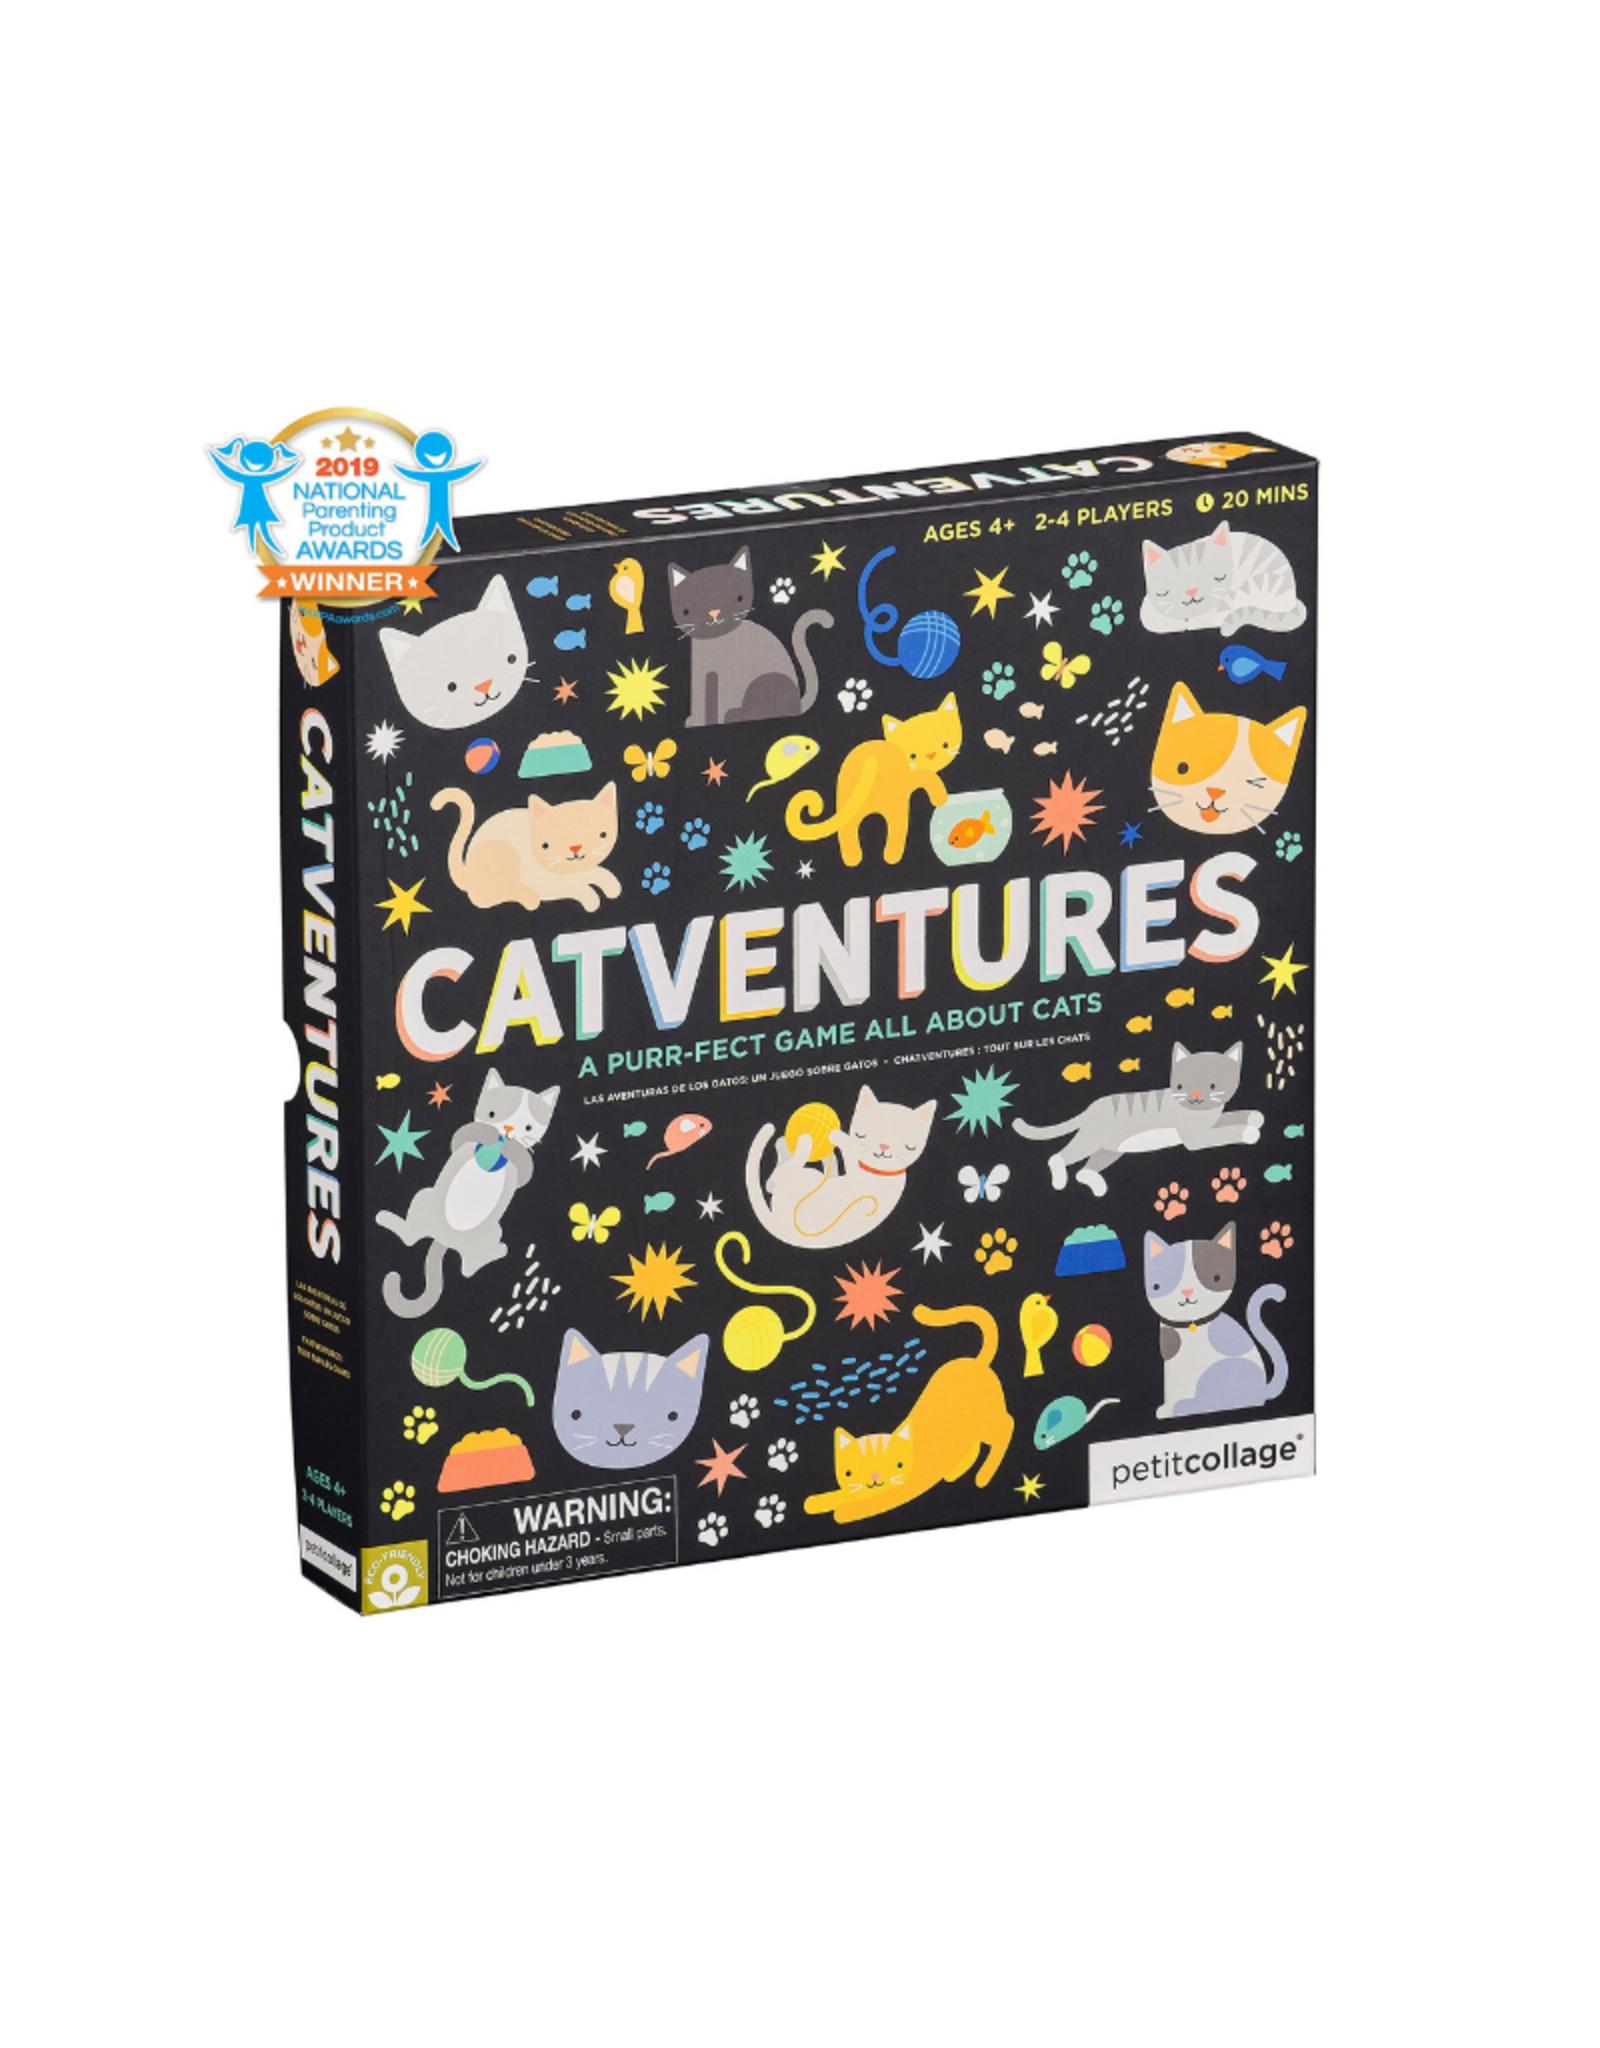 PetitCollage Petit Collage Catventures Board Game